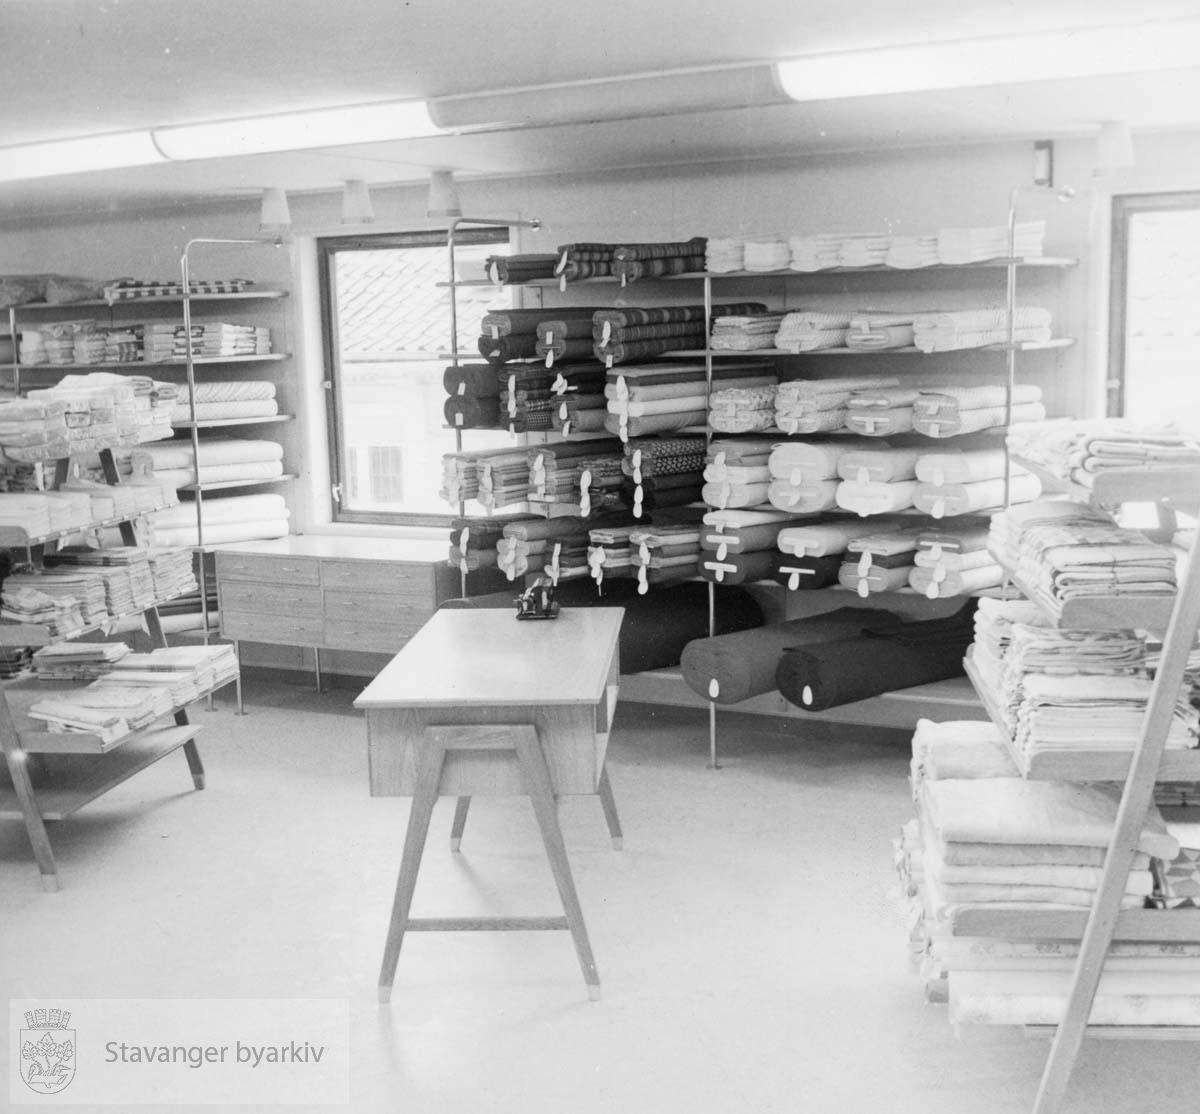 Norem Baade i Kirketaten 22.Utstyrsavdelingen i 2.etg. Hyller med tøyruller, disk og reoler. Utskilt fra PA293.